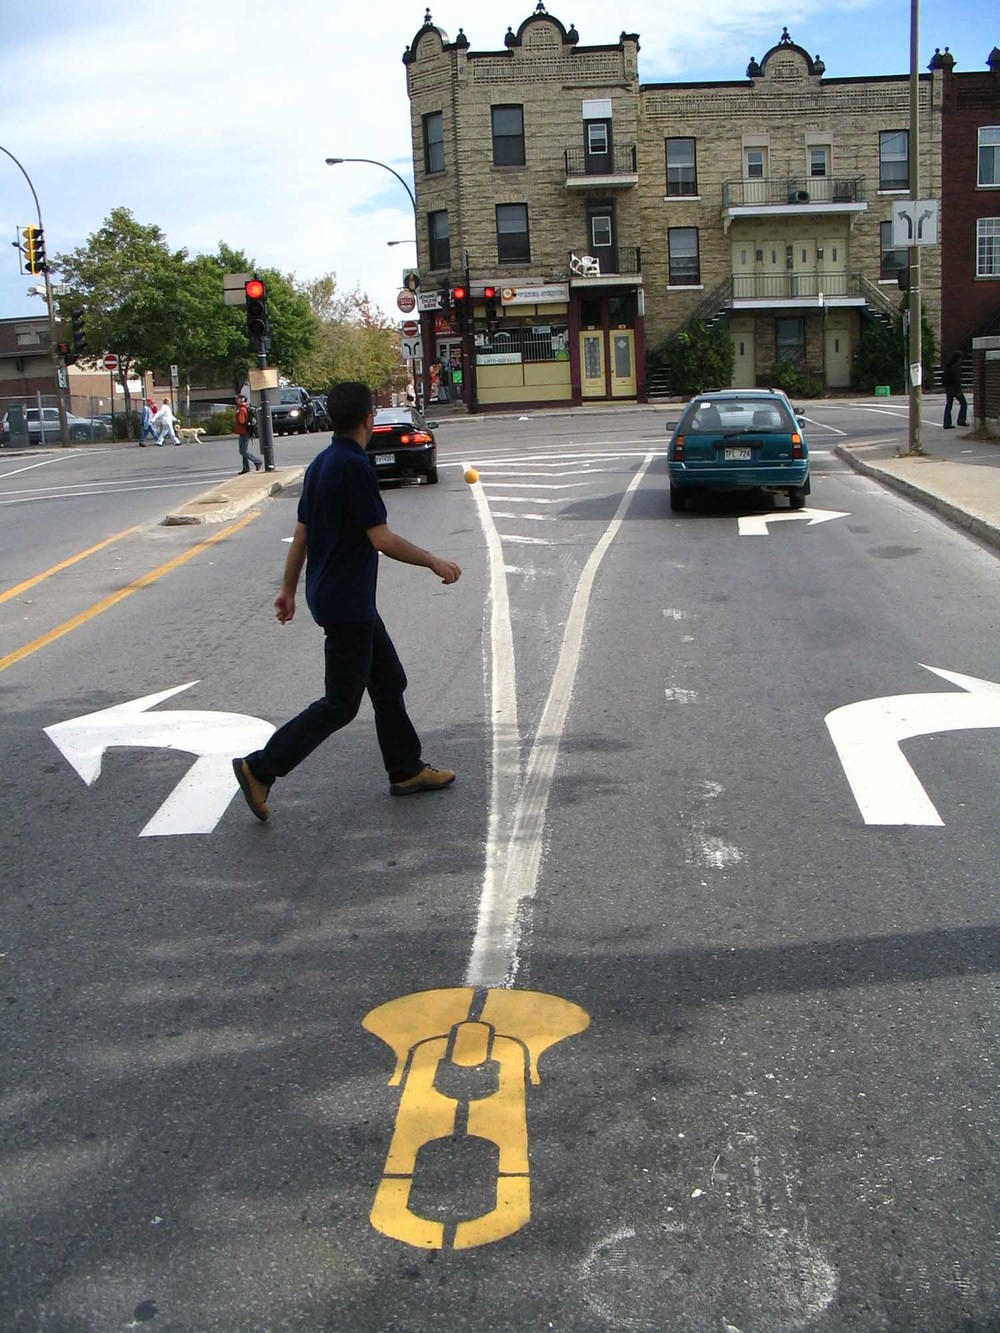 Unzipping the coolest street art